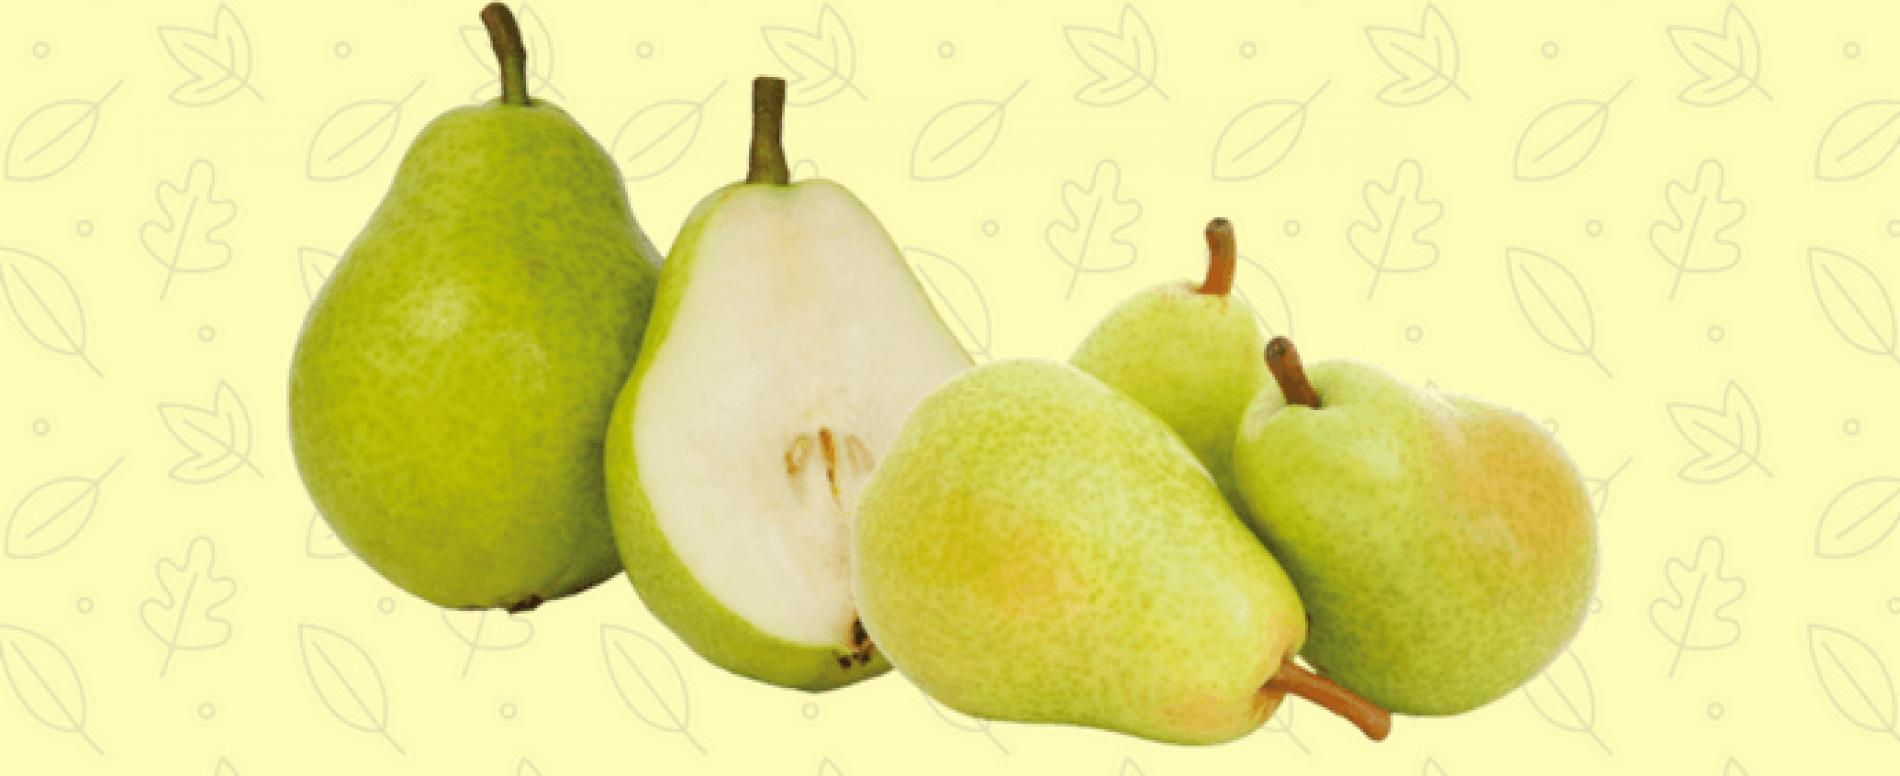 Pere snack, la proposta per incrementare la vendita del frutto